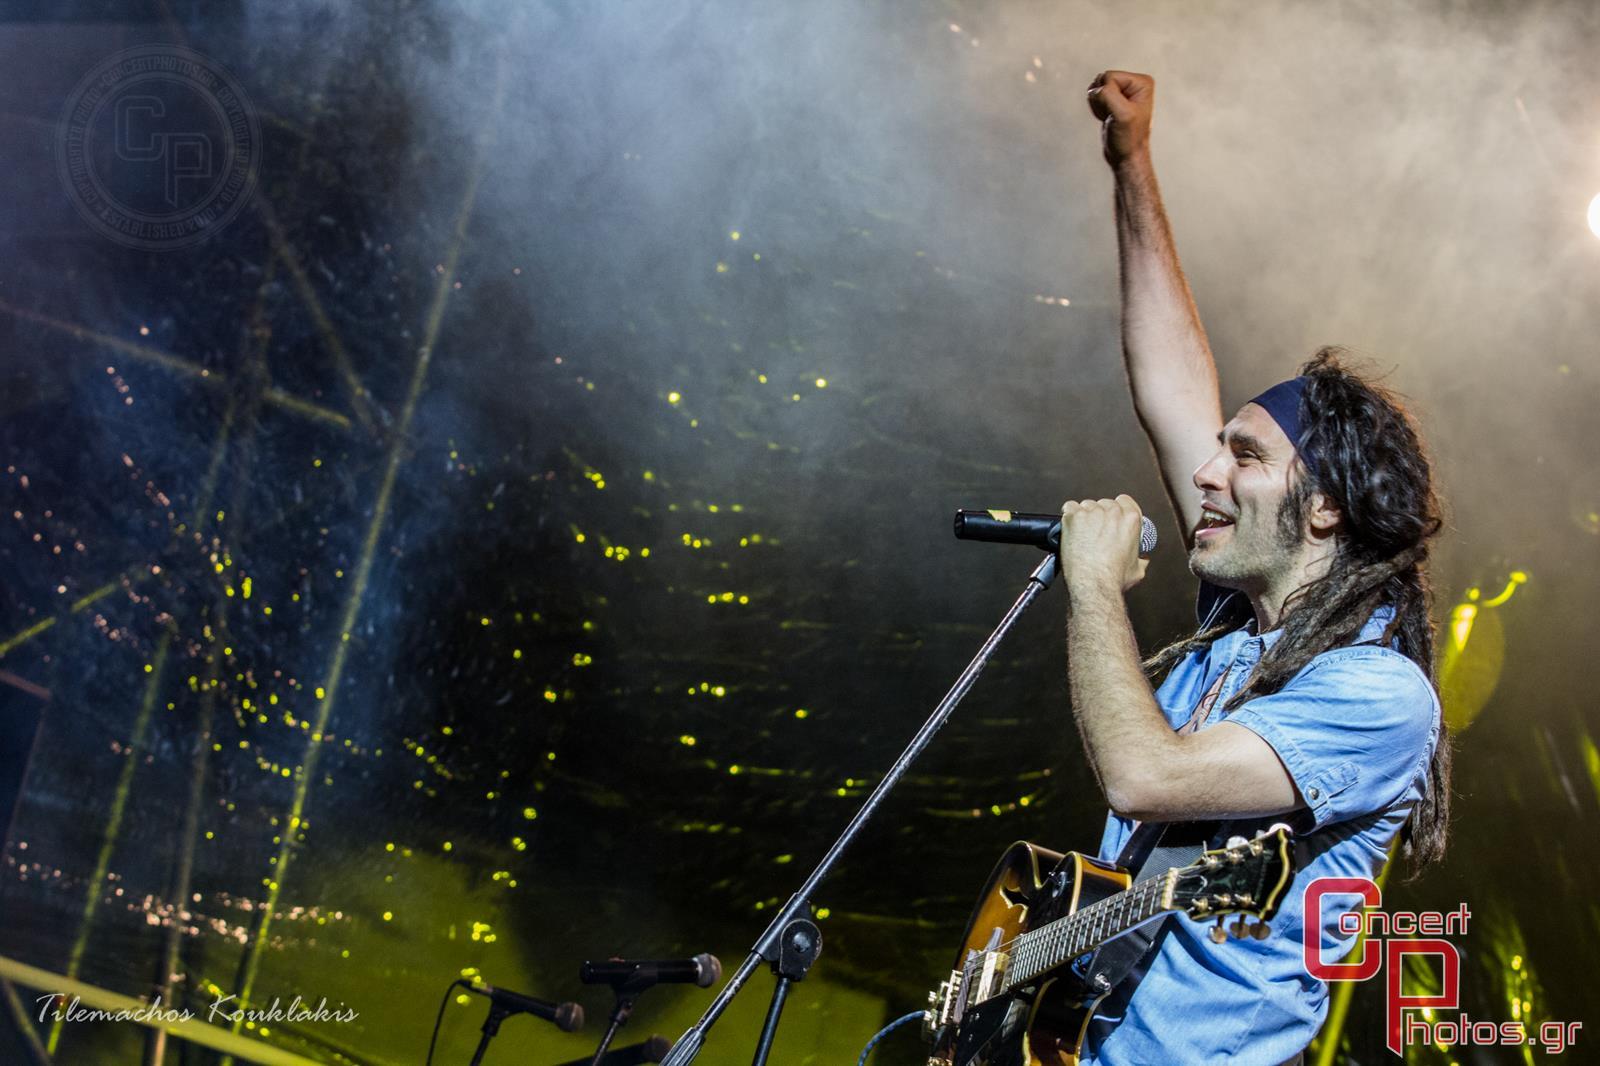 Μία συναυλία για τη Σχεδία 2014-Sxedia 2014 photographer:  - concertphotos_20140530_20_13_36-5